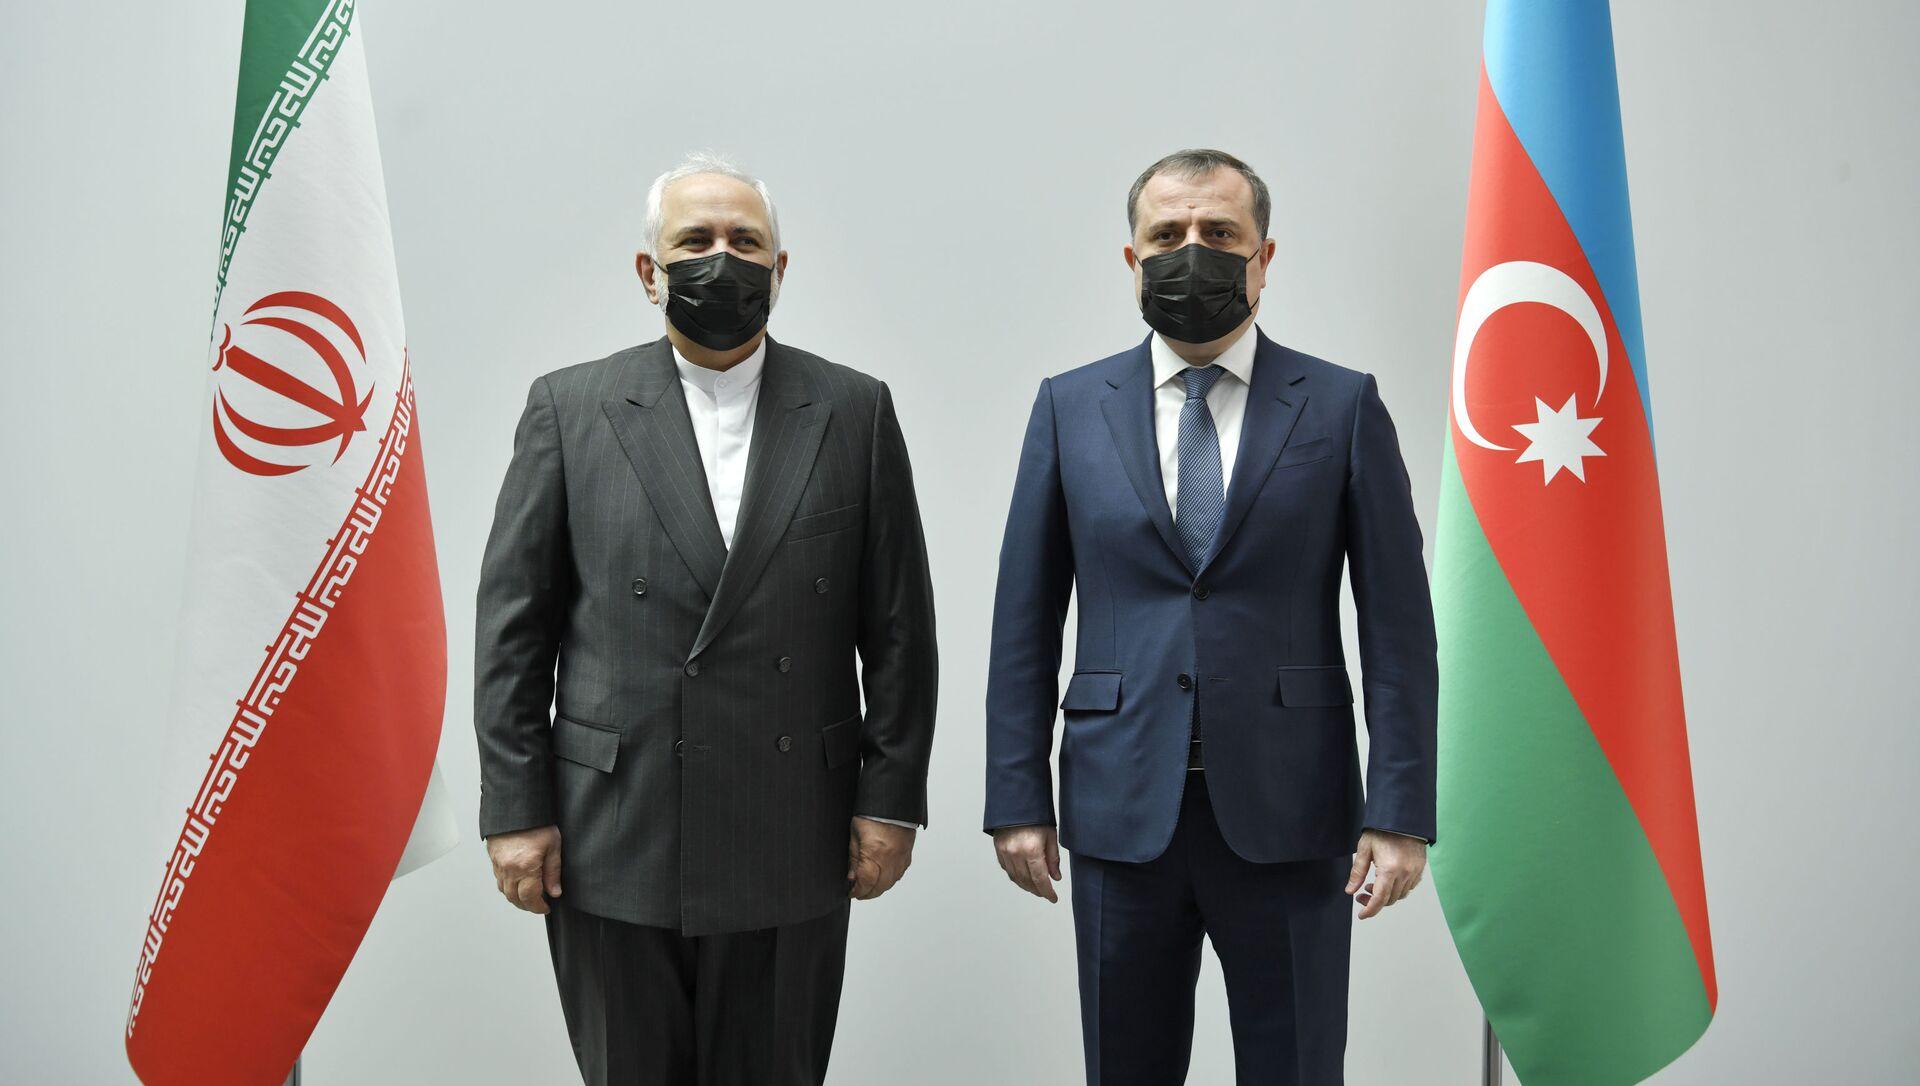 Министры иностранных дел Азербайджана и Ирана Джейхун Байрамов и Мохаммад Джавад Зариф - Sputnik Azərbaycan, 1920, 27.07.2021